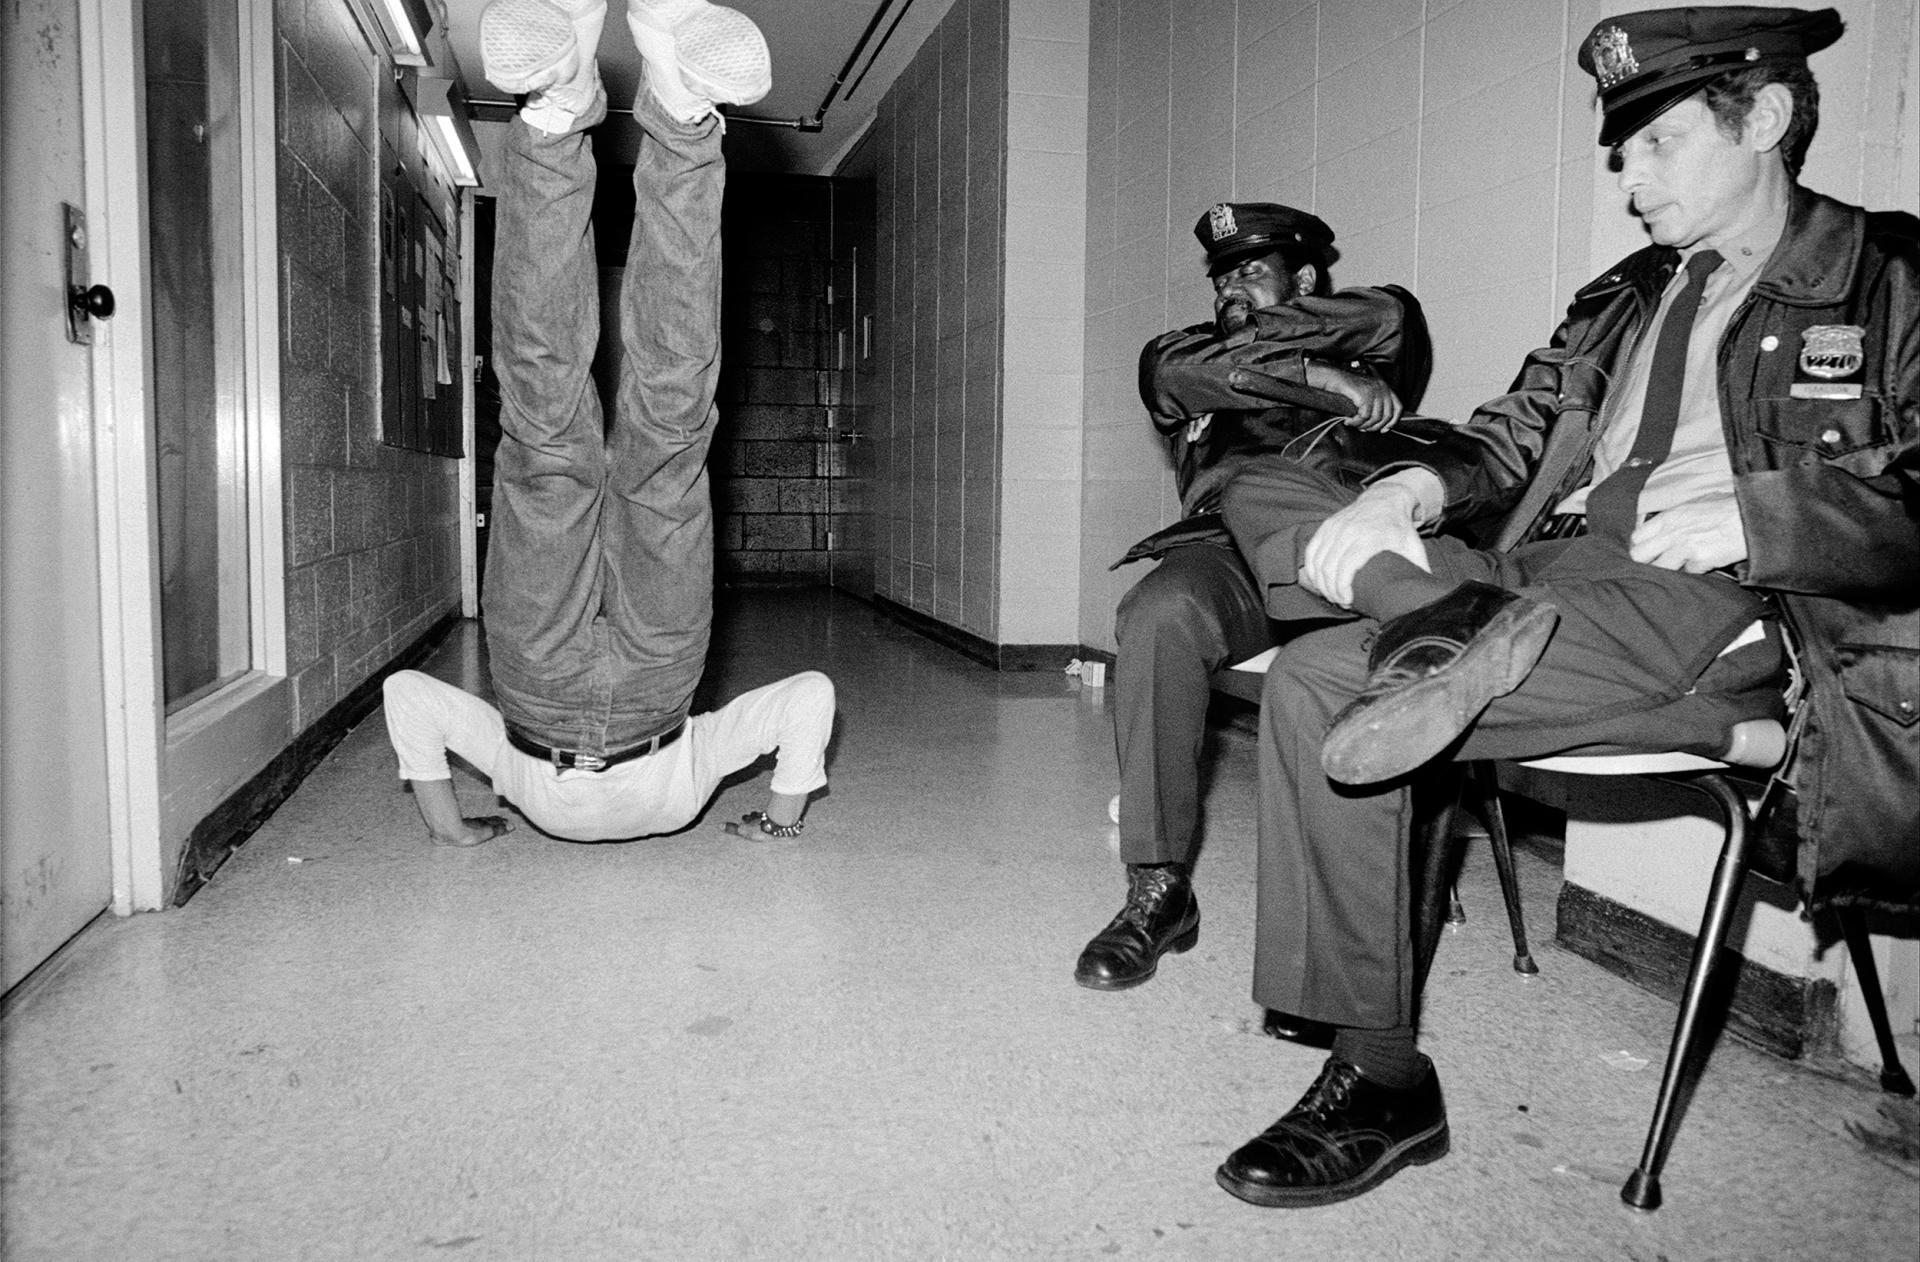 Un danseur s'échauffe devant les policiers chargés de maintenir l'ordre durant un spectacle au Bronx River Art Center, à New York.